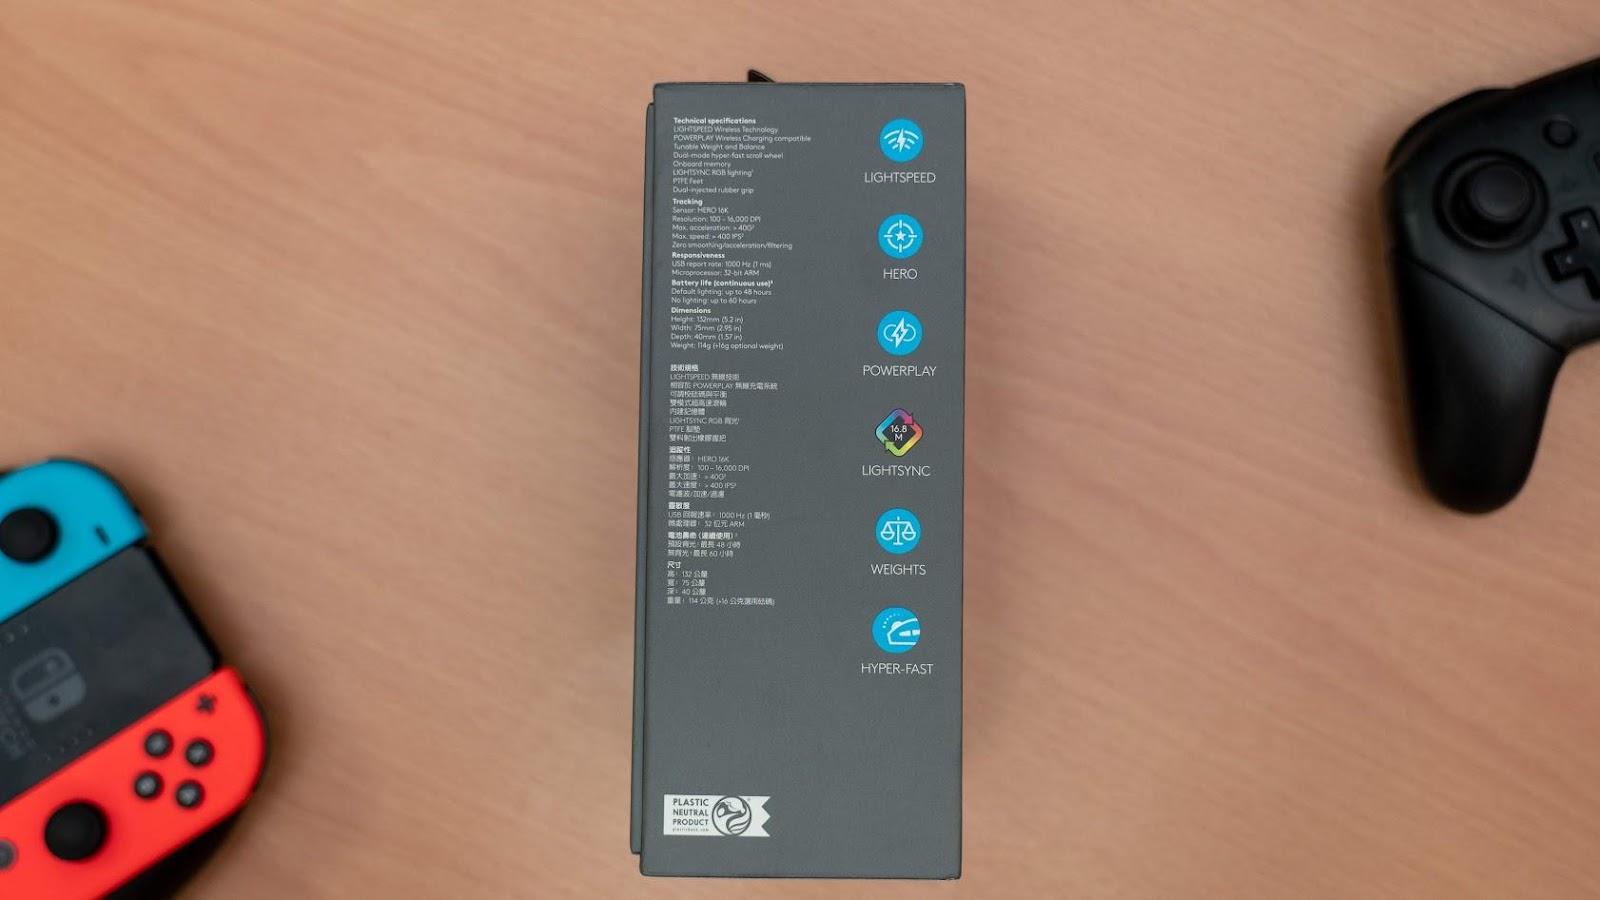 【開箱上手】電競玩家都該擁有的無線滑鼠!羅技 Logitech G502 LIGHTSPEED 最強無線遊戲滑鼠開箱|科技狗